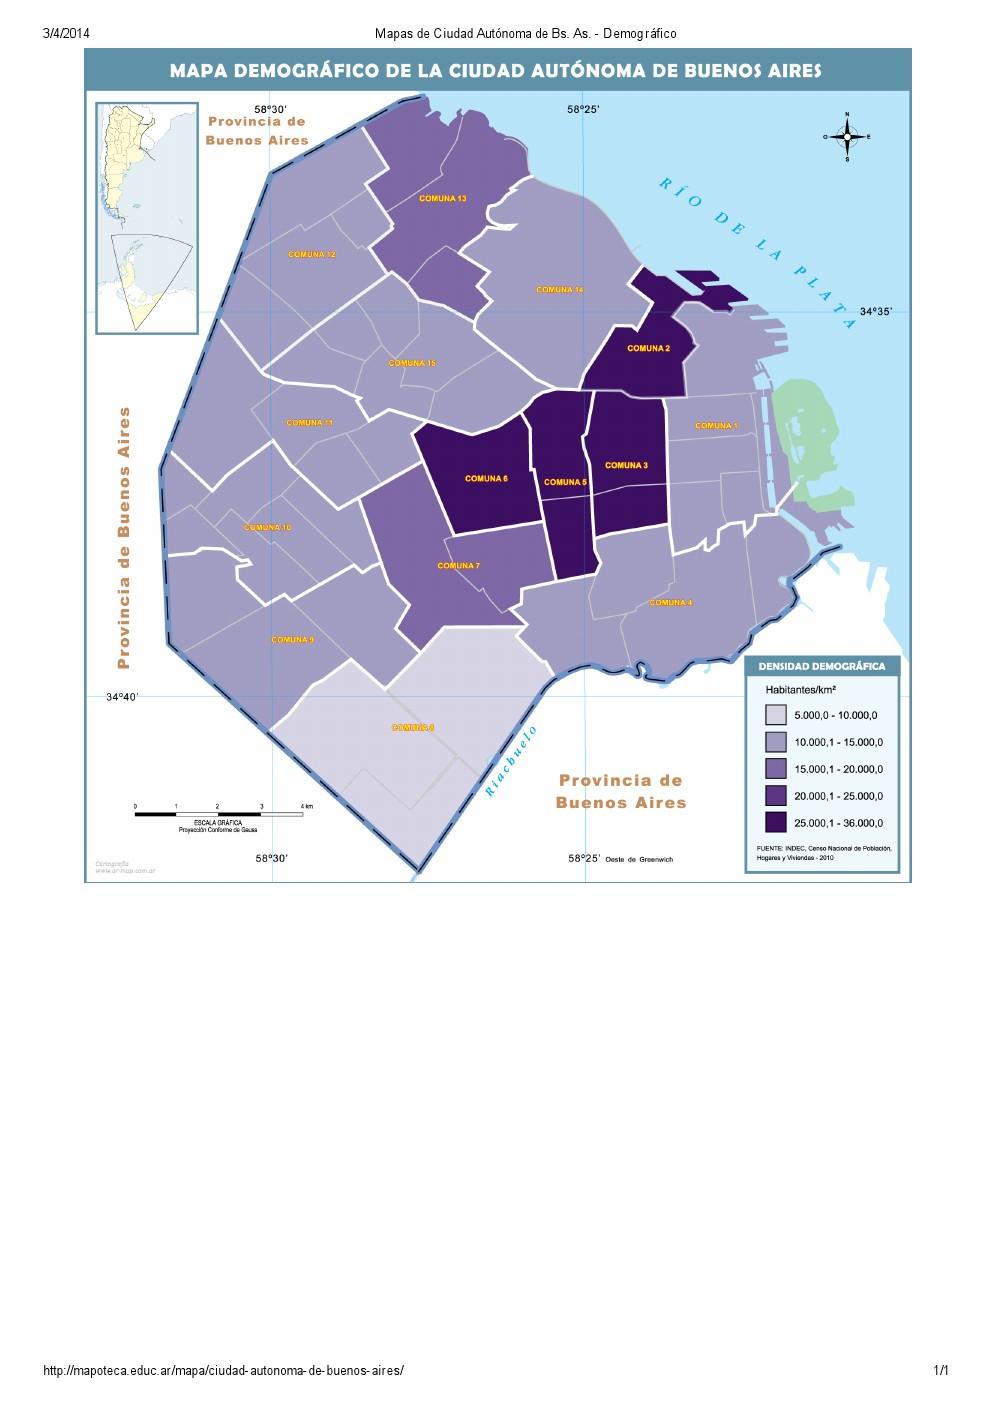 Mapa demográfico de la ciudad de Buenos Aires. Mapoteca de Educ.ar